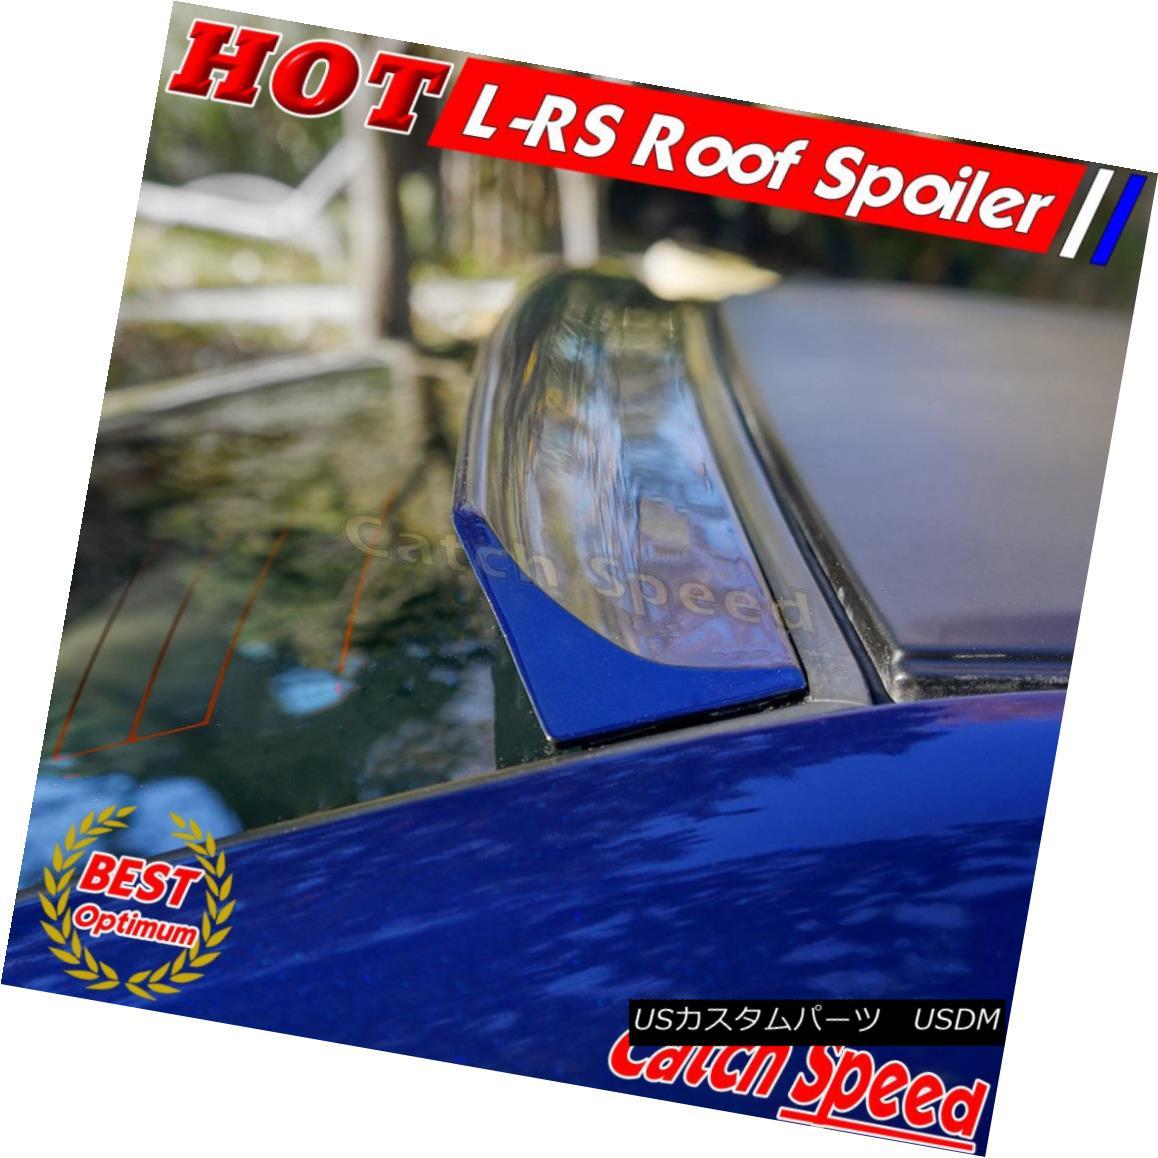 エアロパーツ Flat Black LRS Rear Roof Spoiler Wing For Dodge Neon SRT-4 Sedan 2003-2005 ? ダッジネオンSRT - 4セダン2003-2005のフラットブラックLRSリア屋根スポイラーウィング?